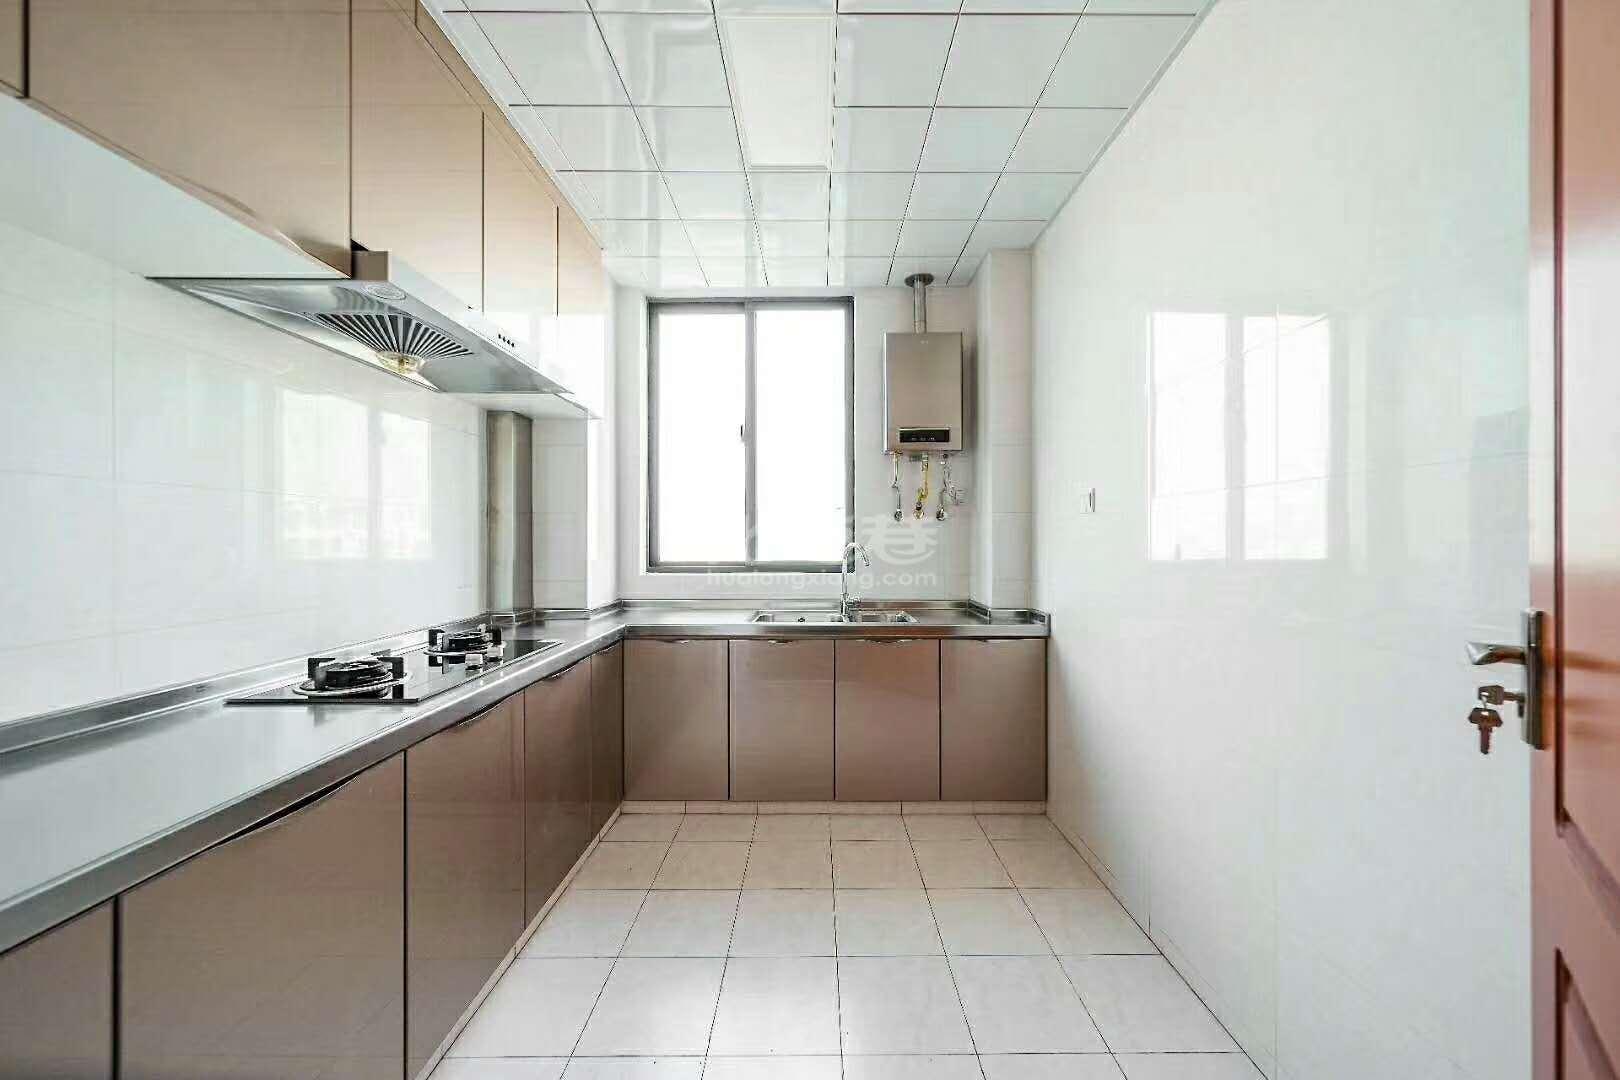 新城府翰苑125平精装3室2厅2卫中上楼层243万市政府旁品牌小区你懂的!